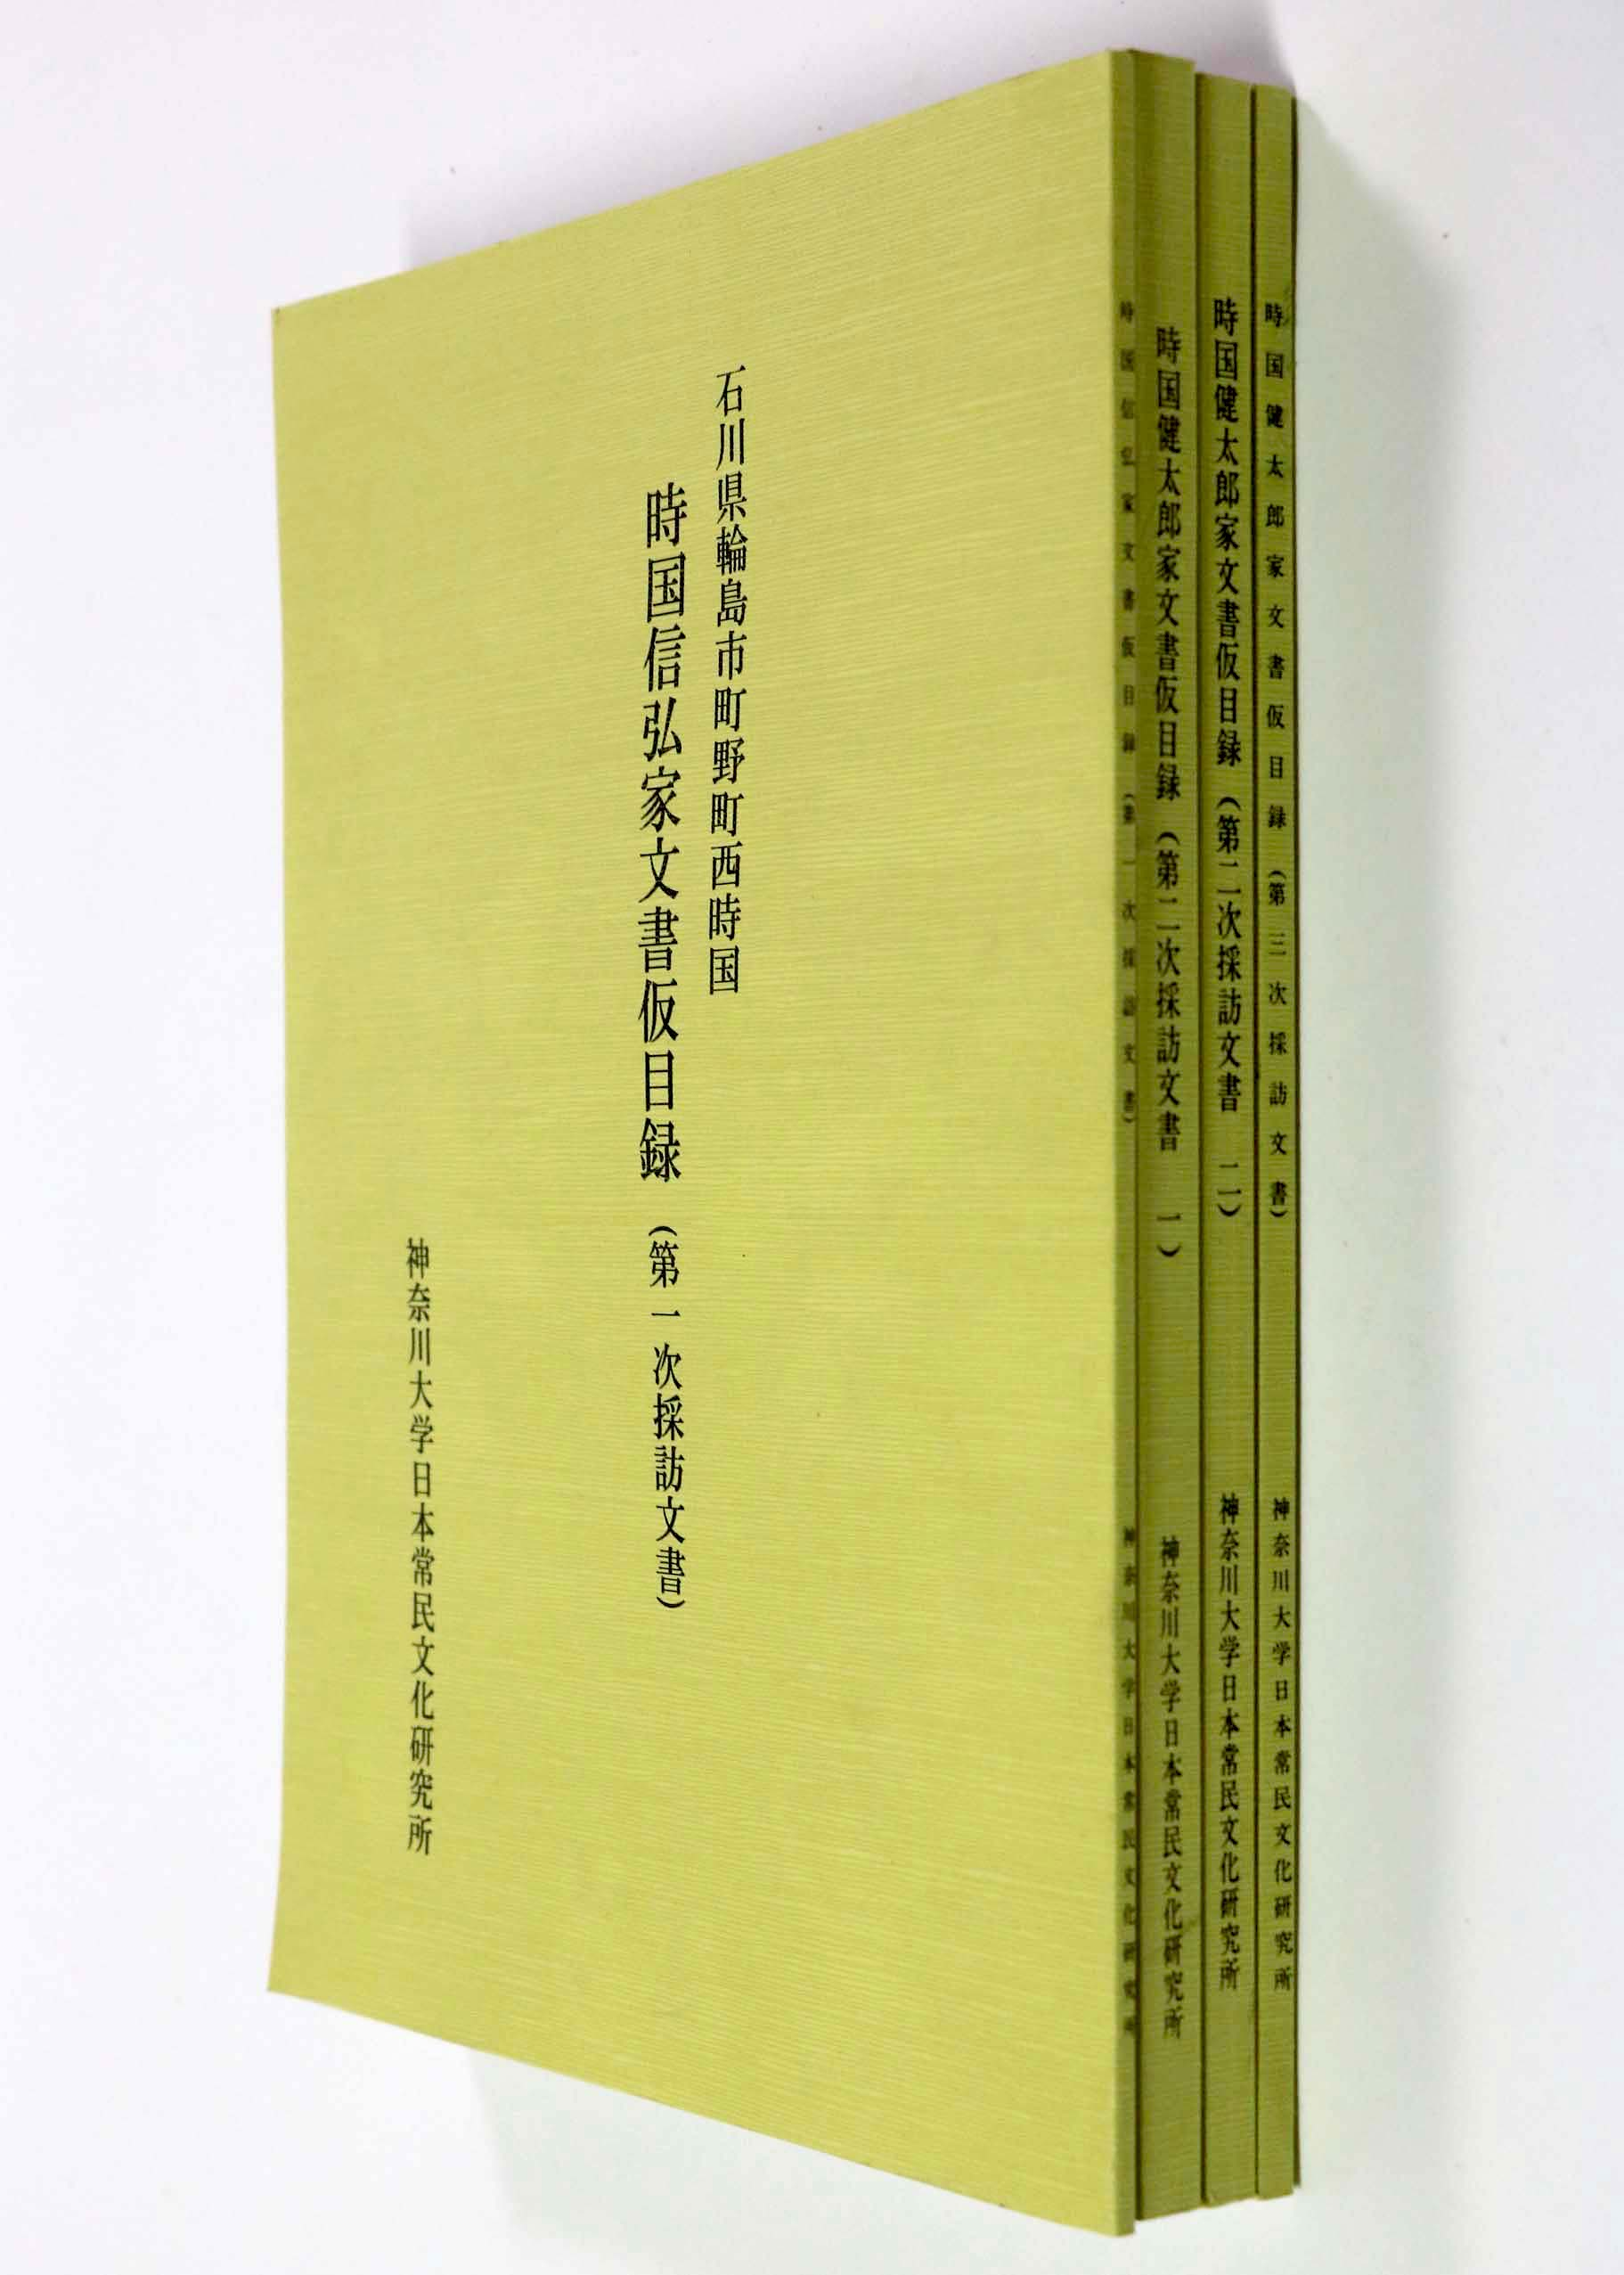 時国信弘家文書仮目録 第一次・二次(1・2)・三次採訪文書 4冊一括